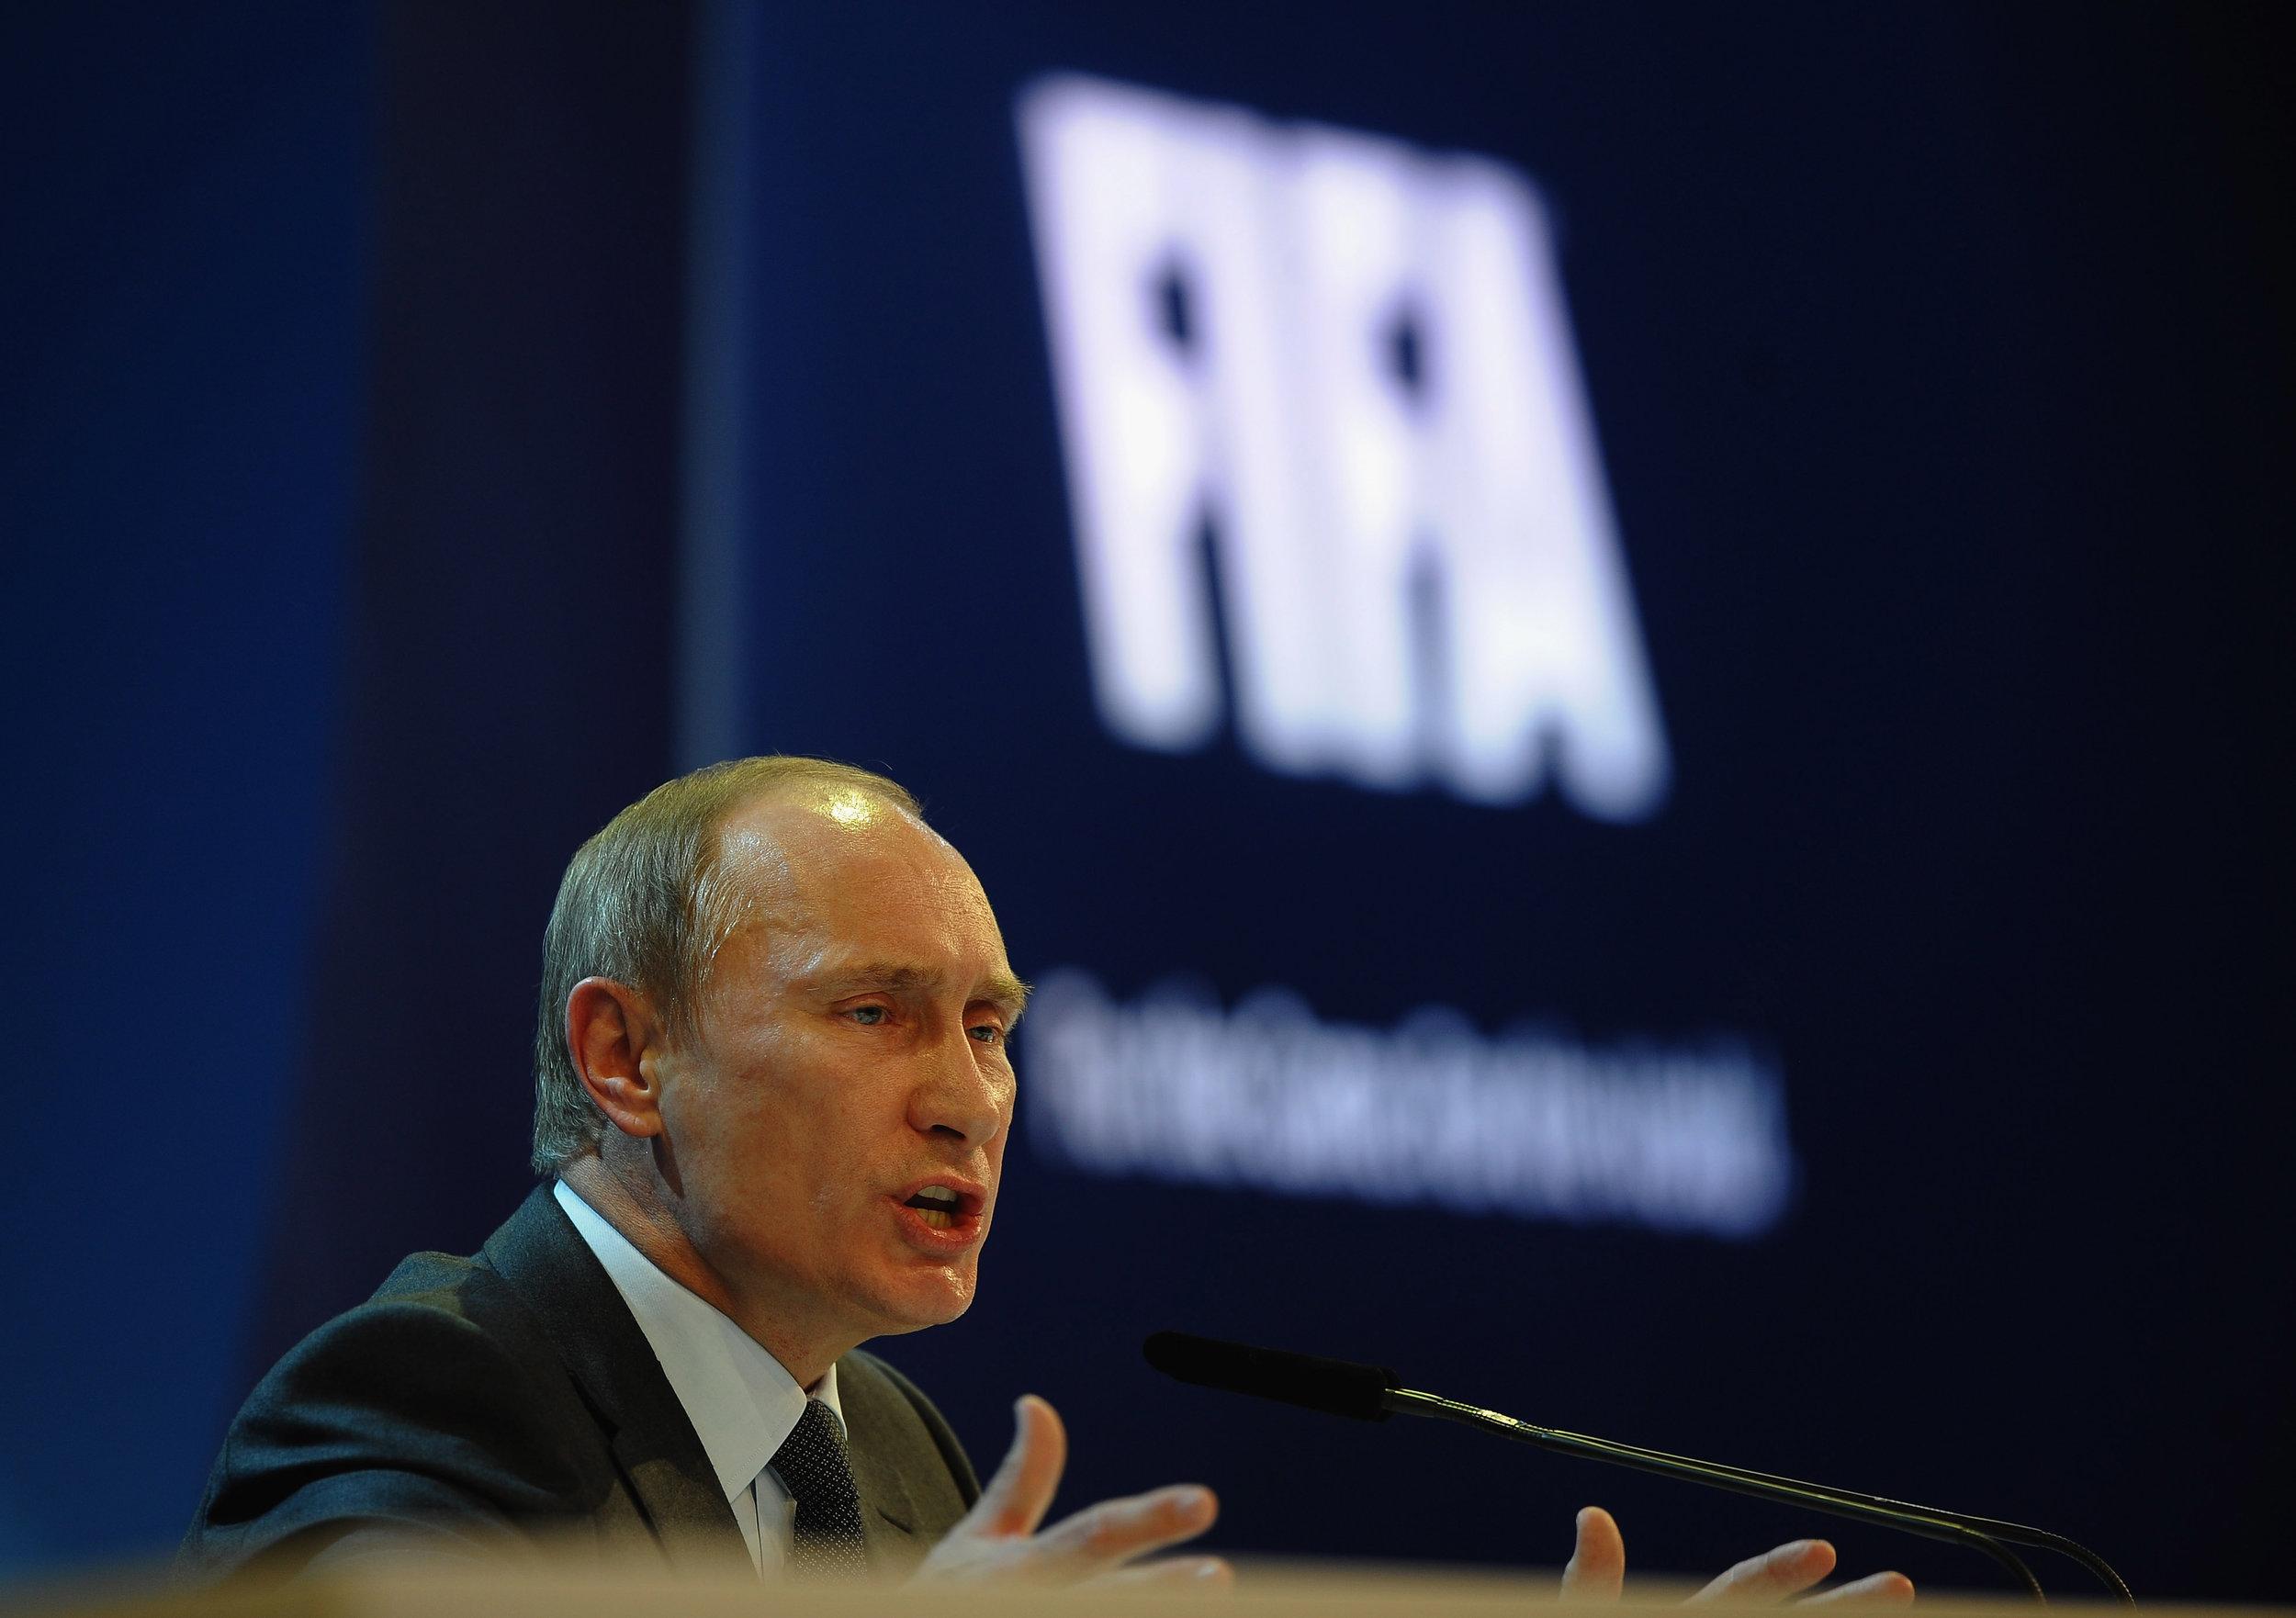 Vladimir Putin ved lodtrækningen til VM-slutrunden i år. Foto: Getty Images